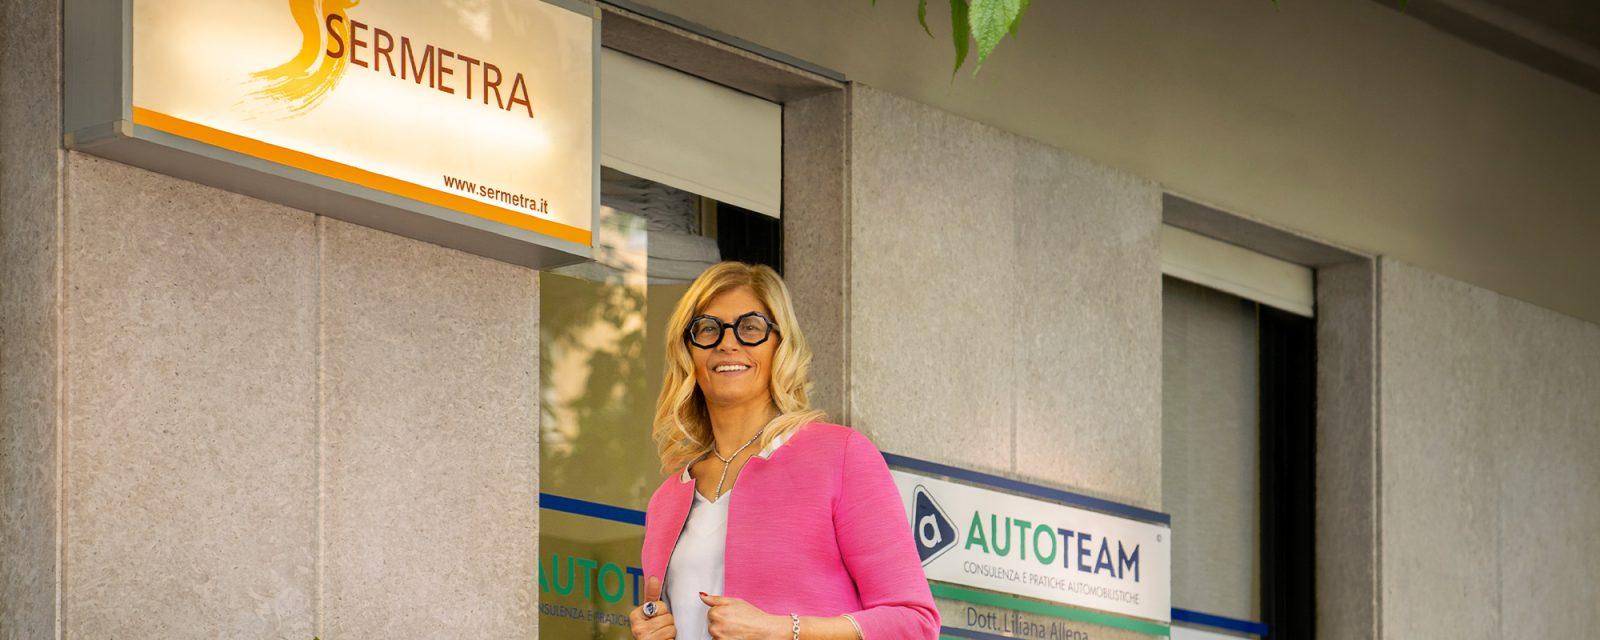 Autoteam e Sermetra, grandi sinergie per fornire consulenza e assistenza nelle pratiche auto